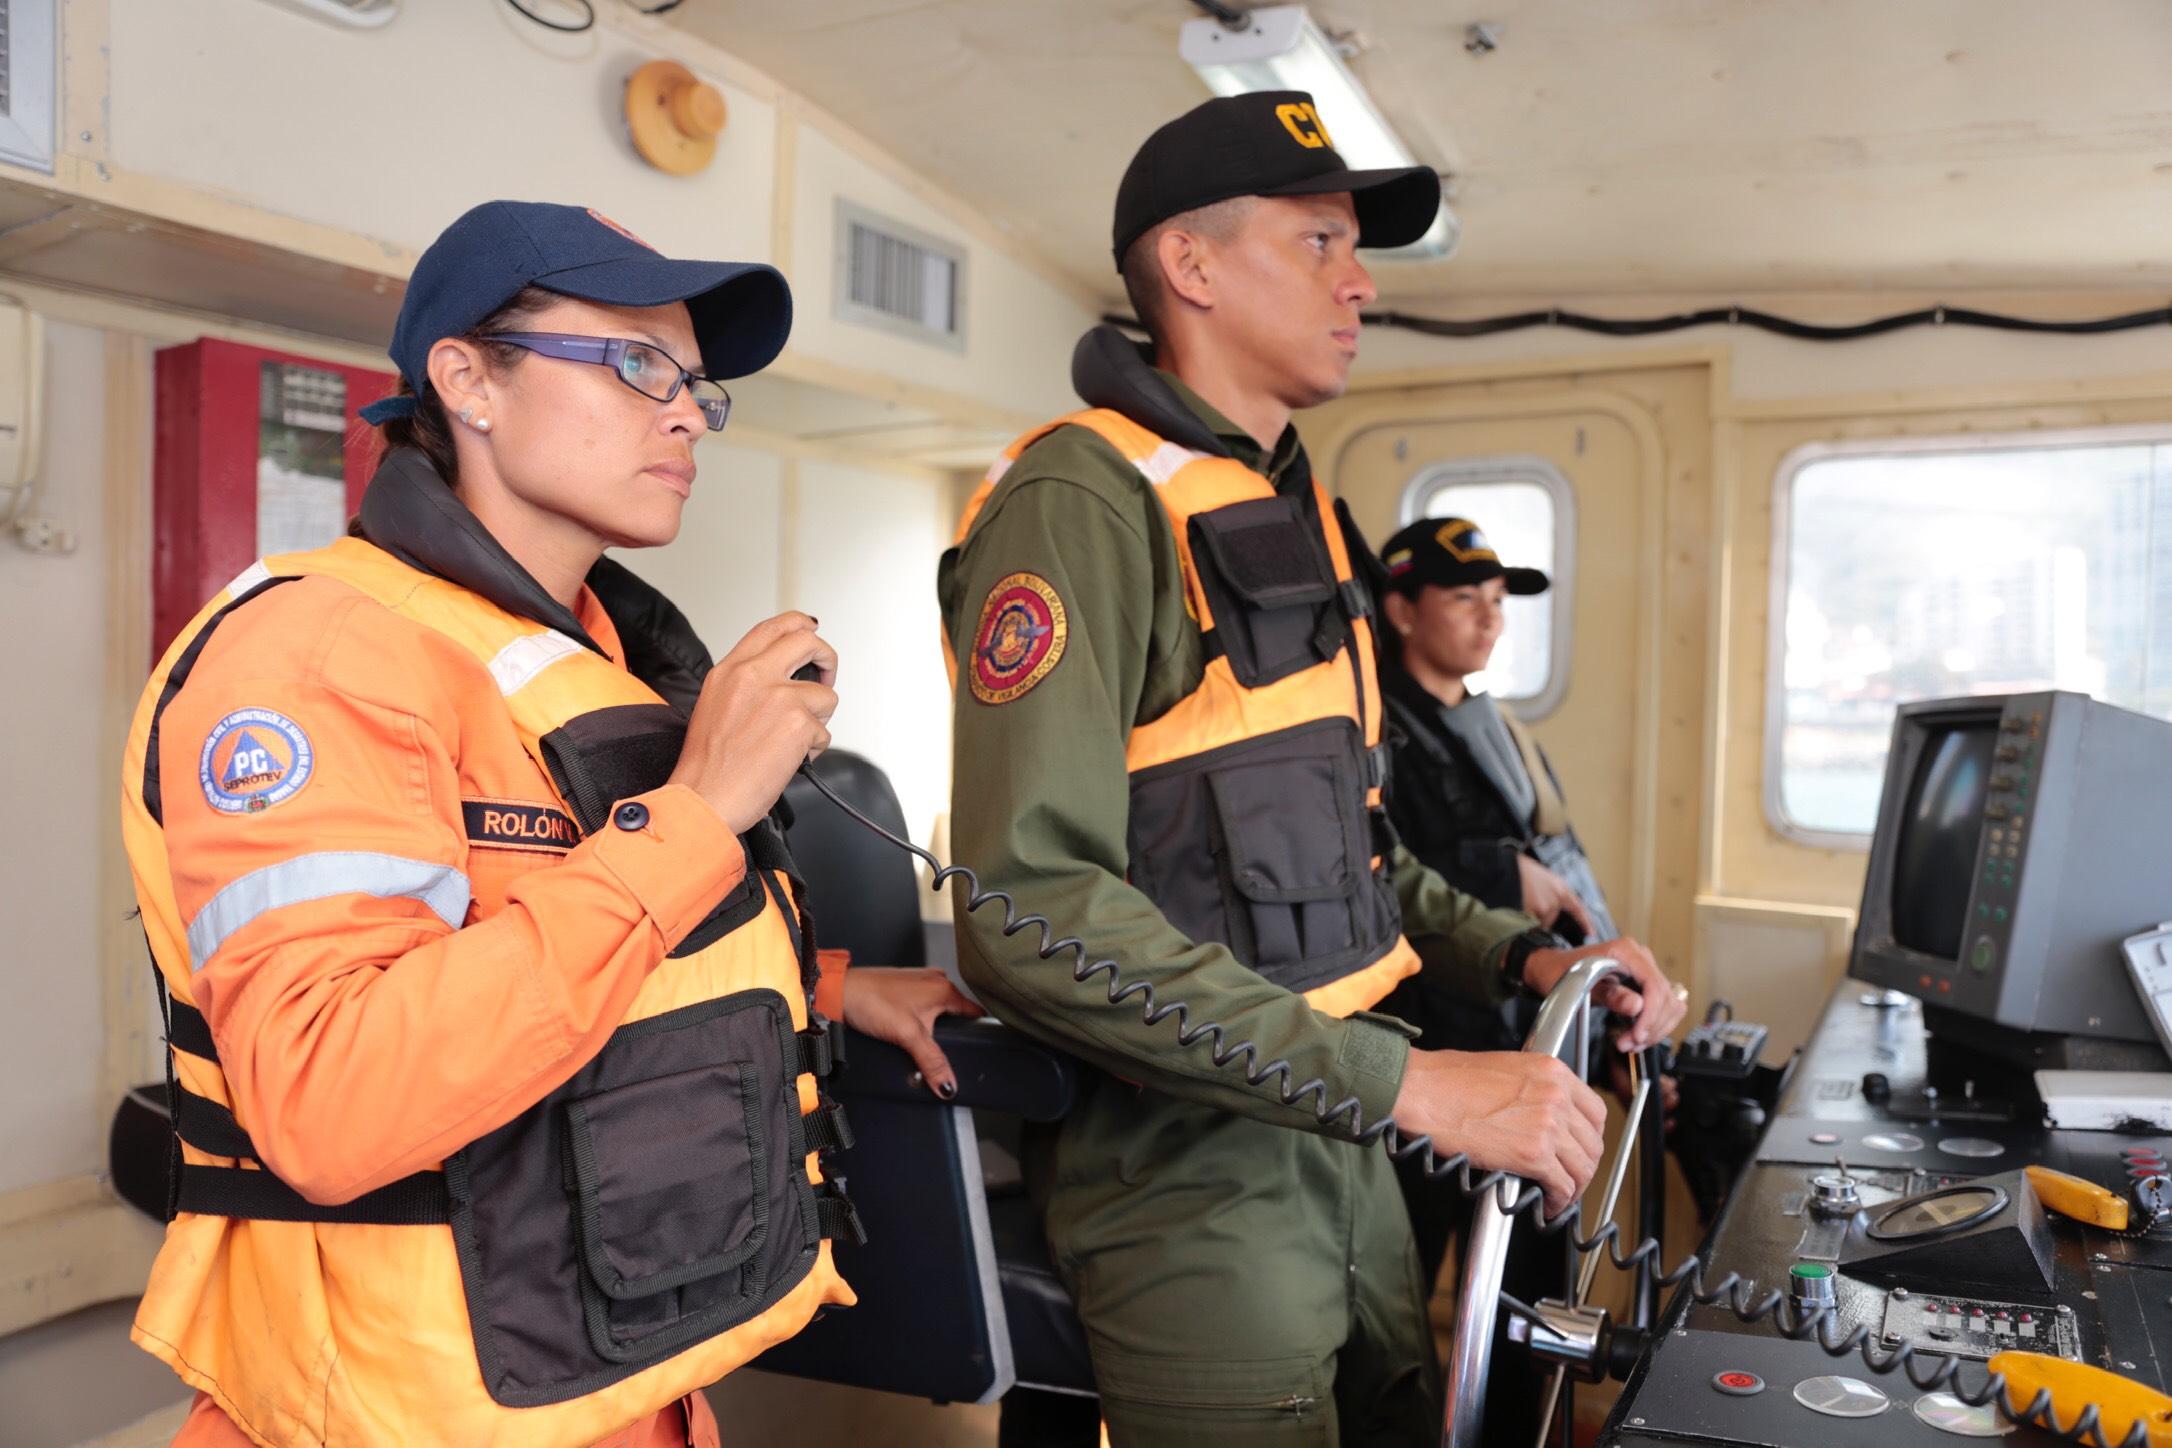 Sistema Nacional de Gestión de Riesgo supervisa despliegue de seguridad en 63 playas de Vargas (1)